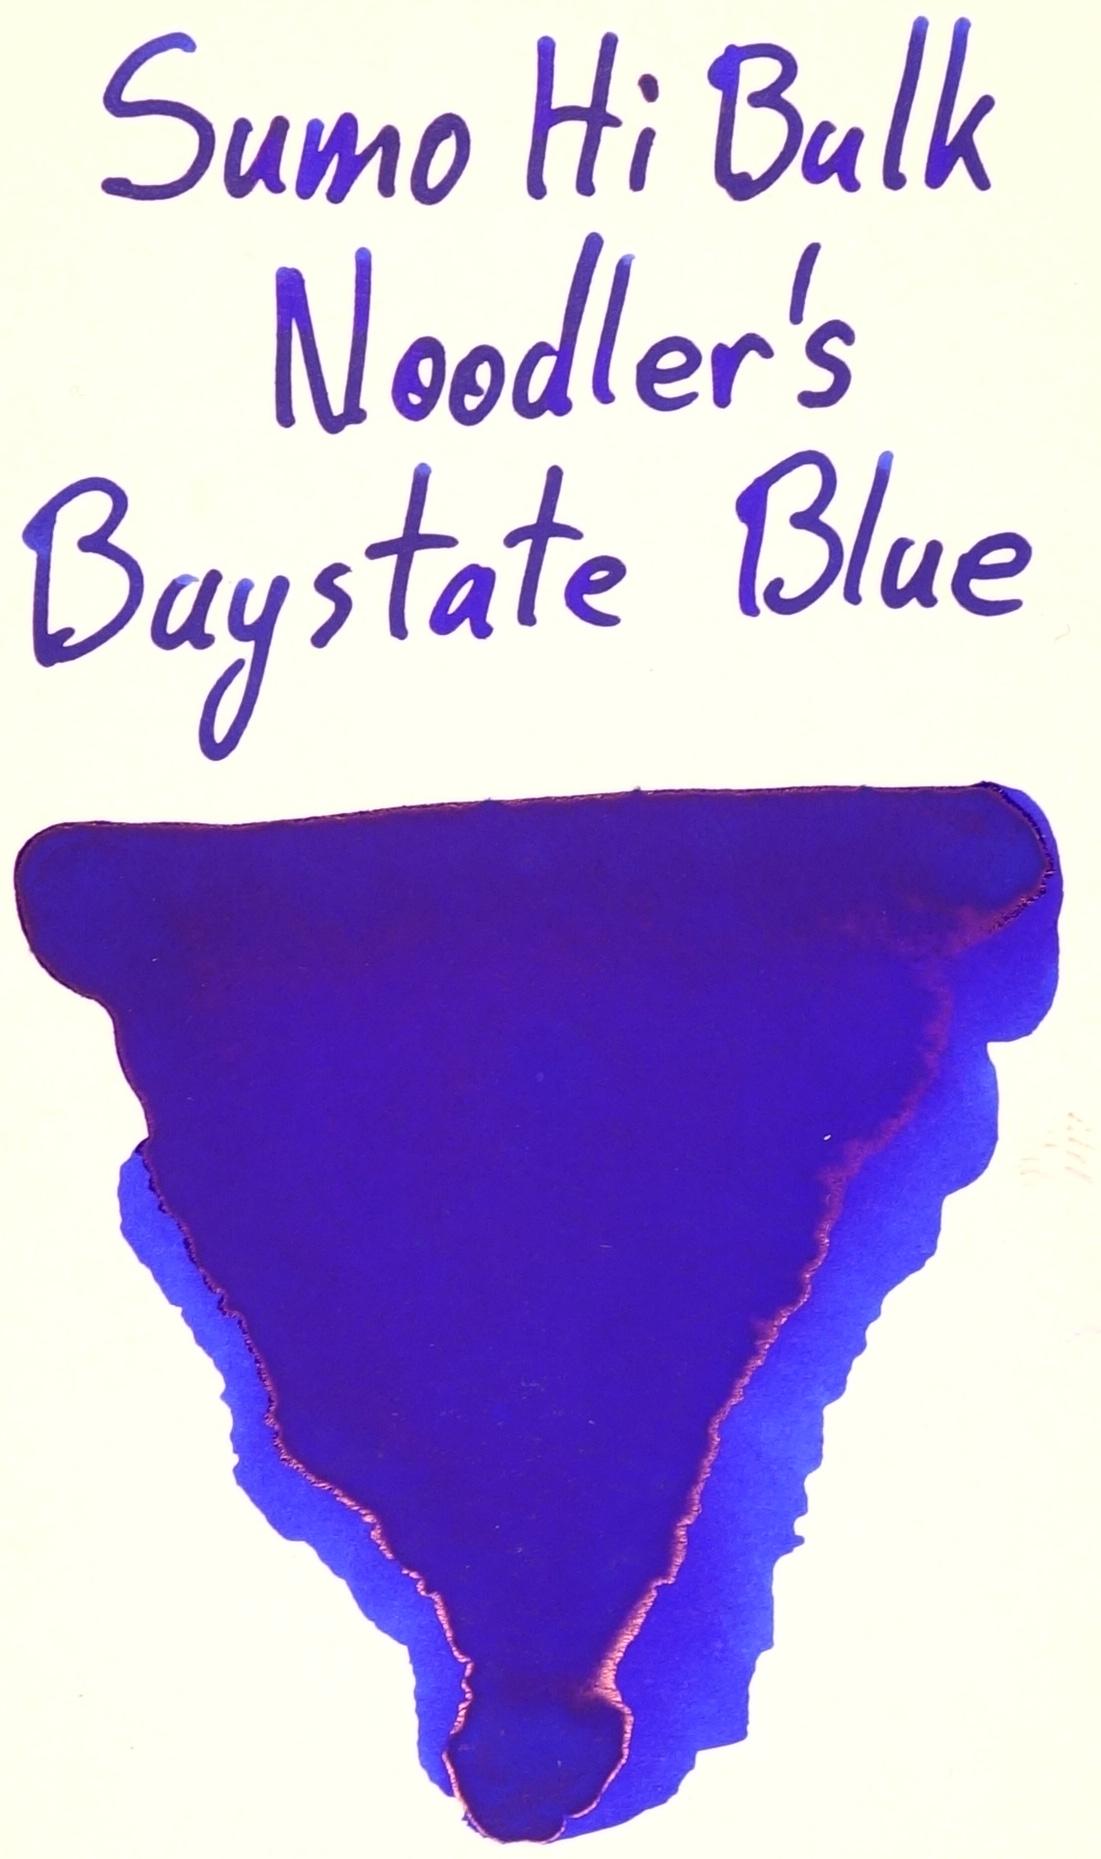 Noodler's Baystate Blue Sumo Hi Bulk.JPG